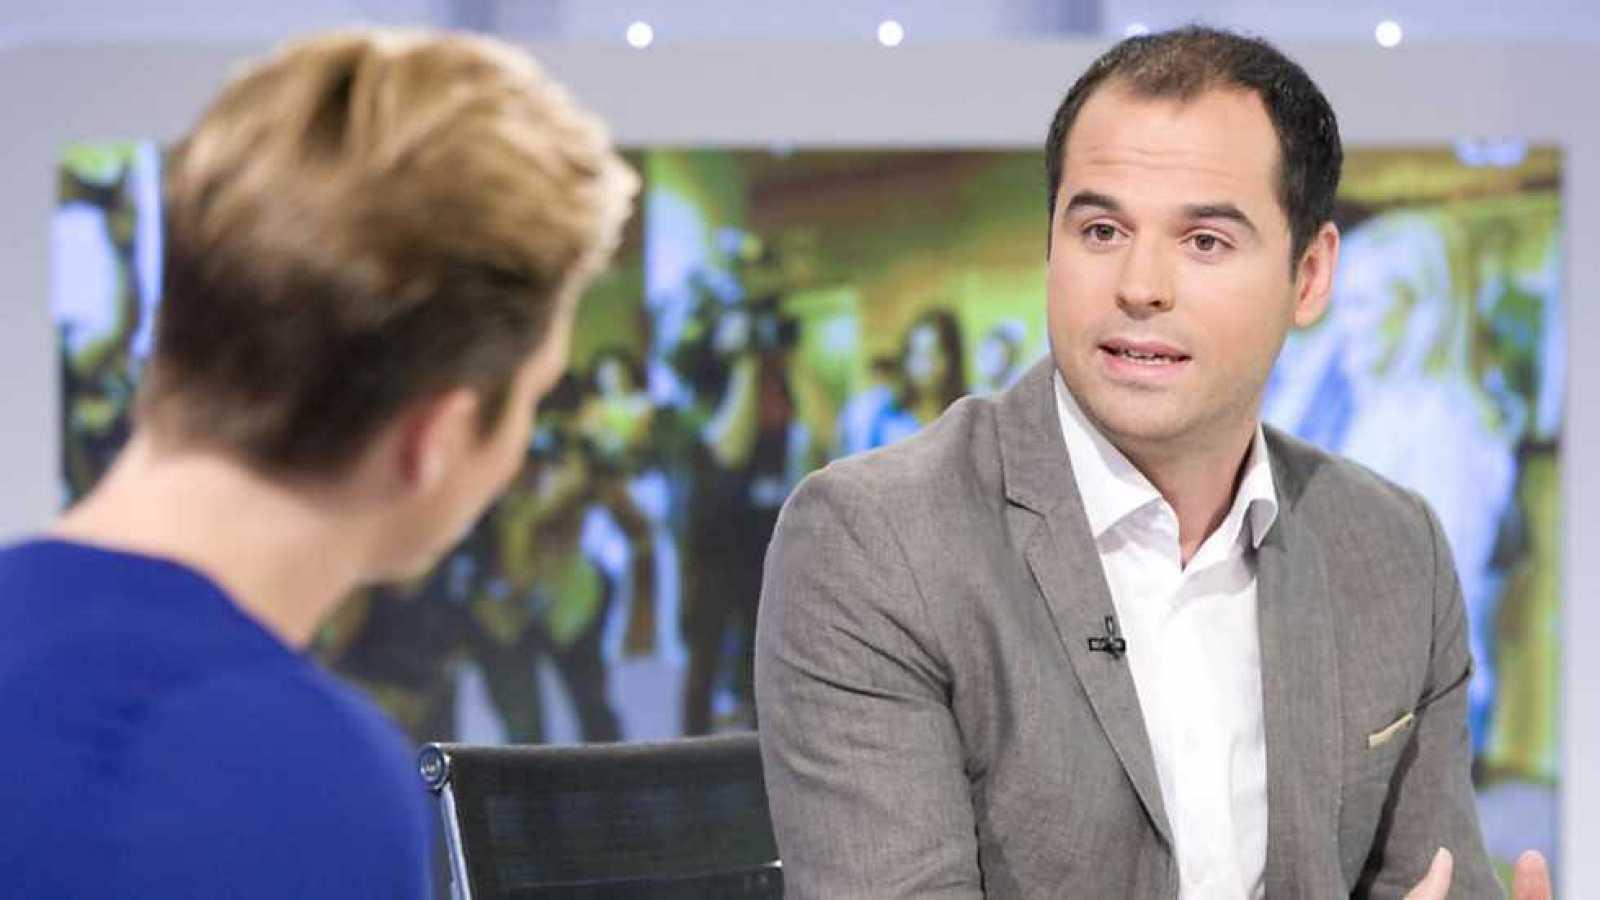 Los Desayunos de TVE - Ignacio Aguado, candidato de Ciudadanos a la presidencia de la Comunidad de Madrid - Ver ahora